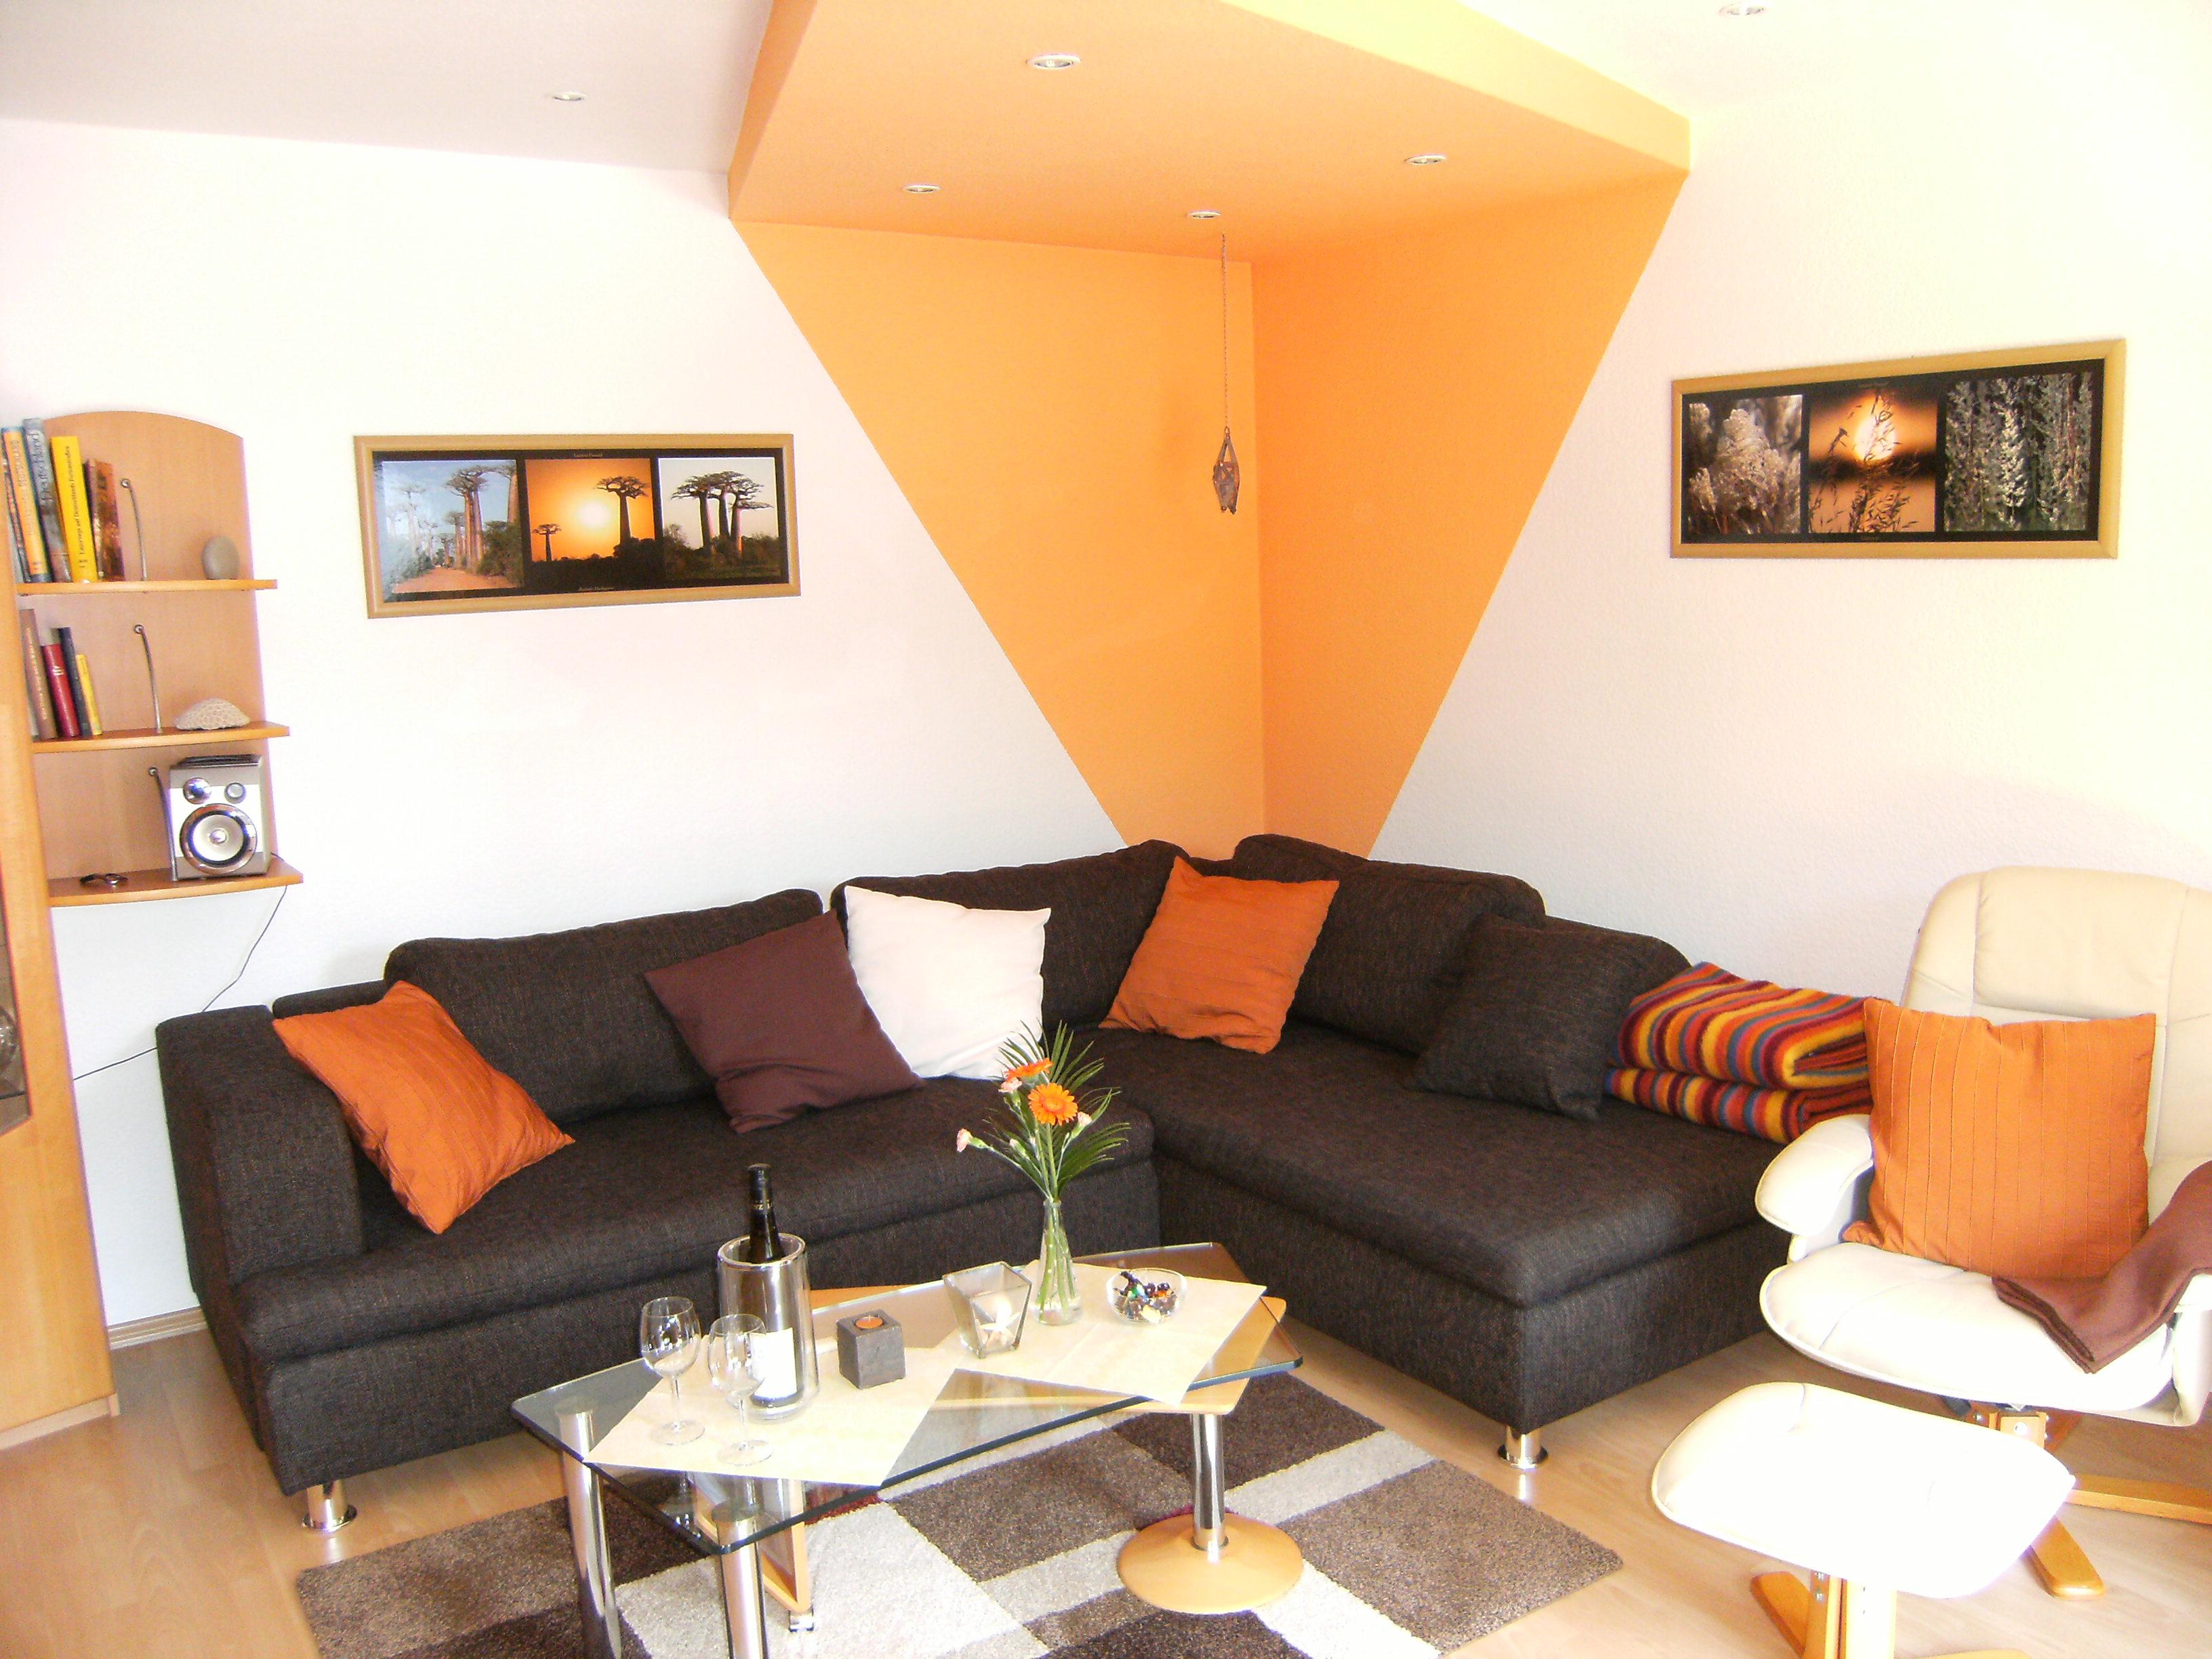 sitzecke wohnzimmer : Preise